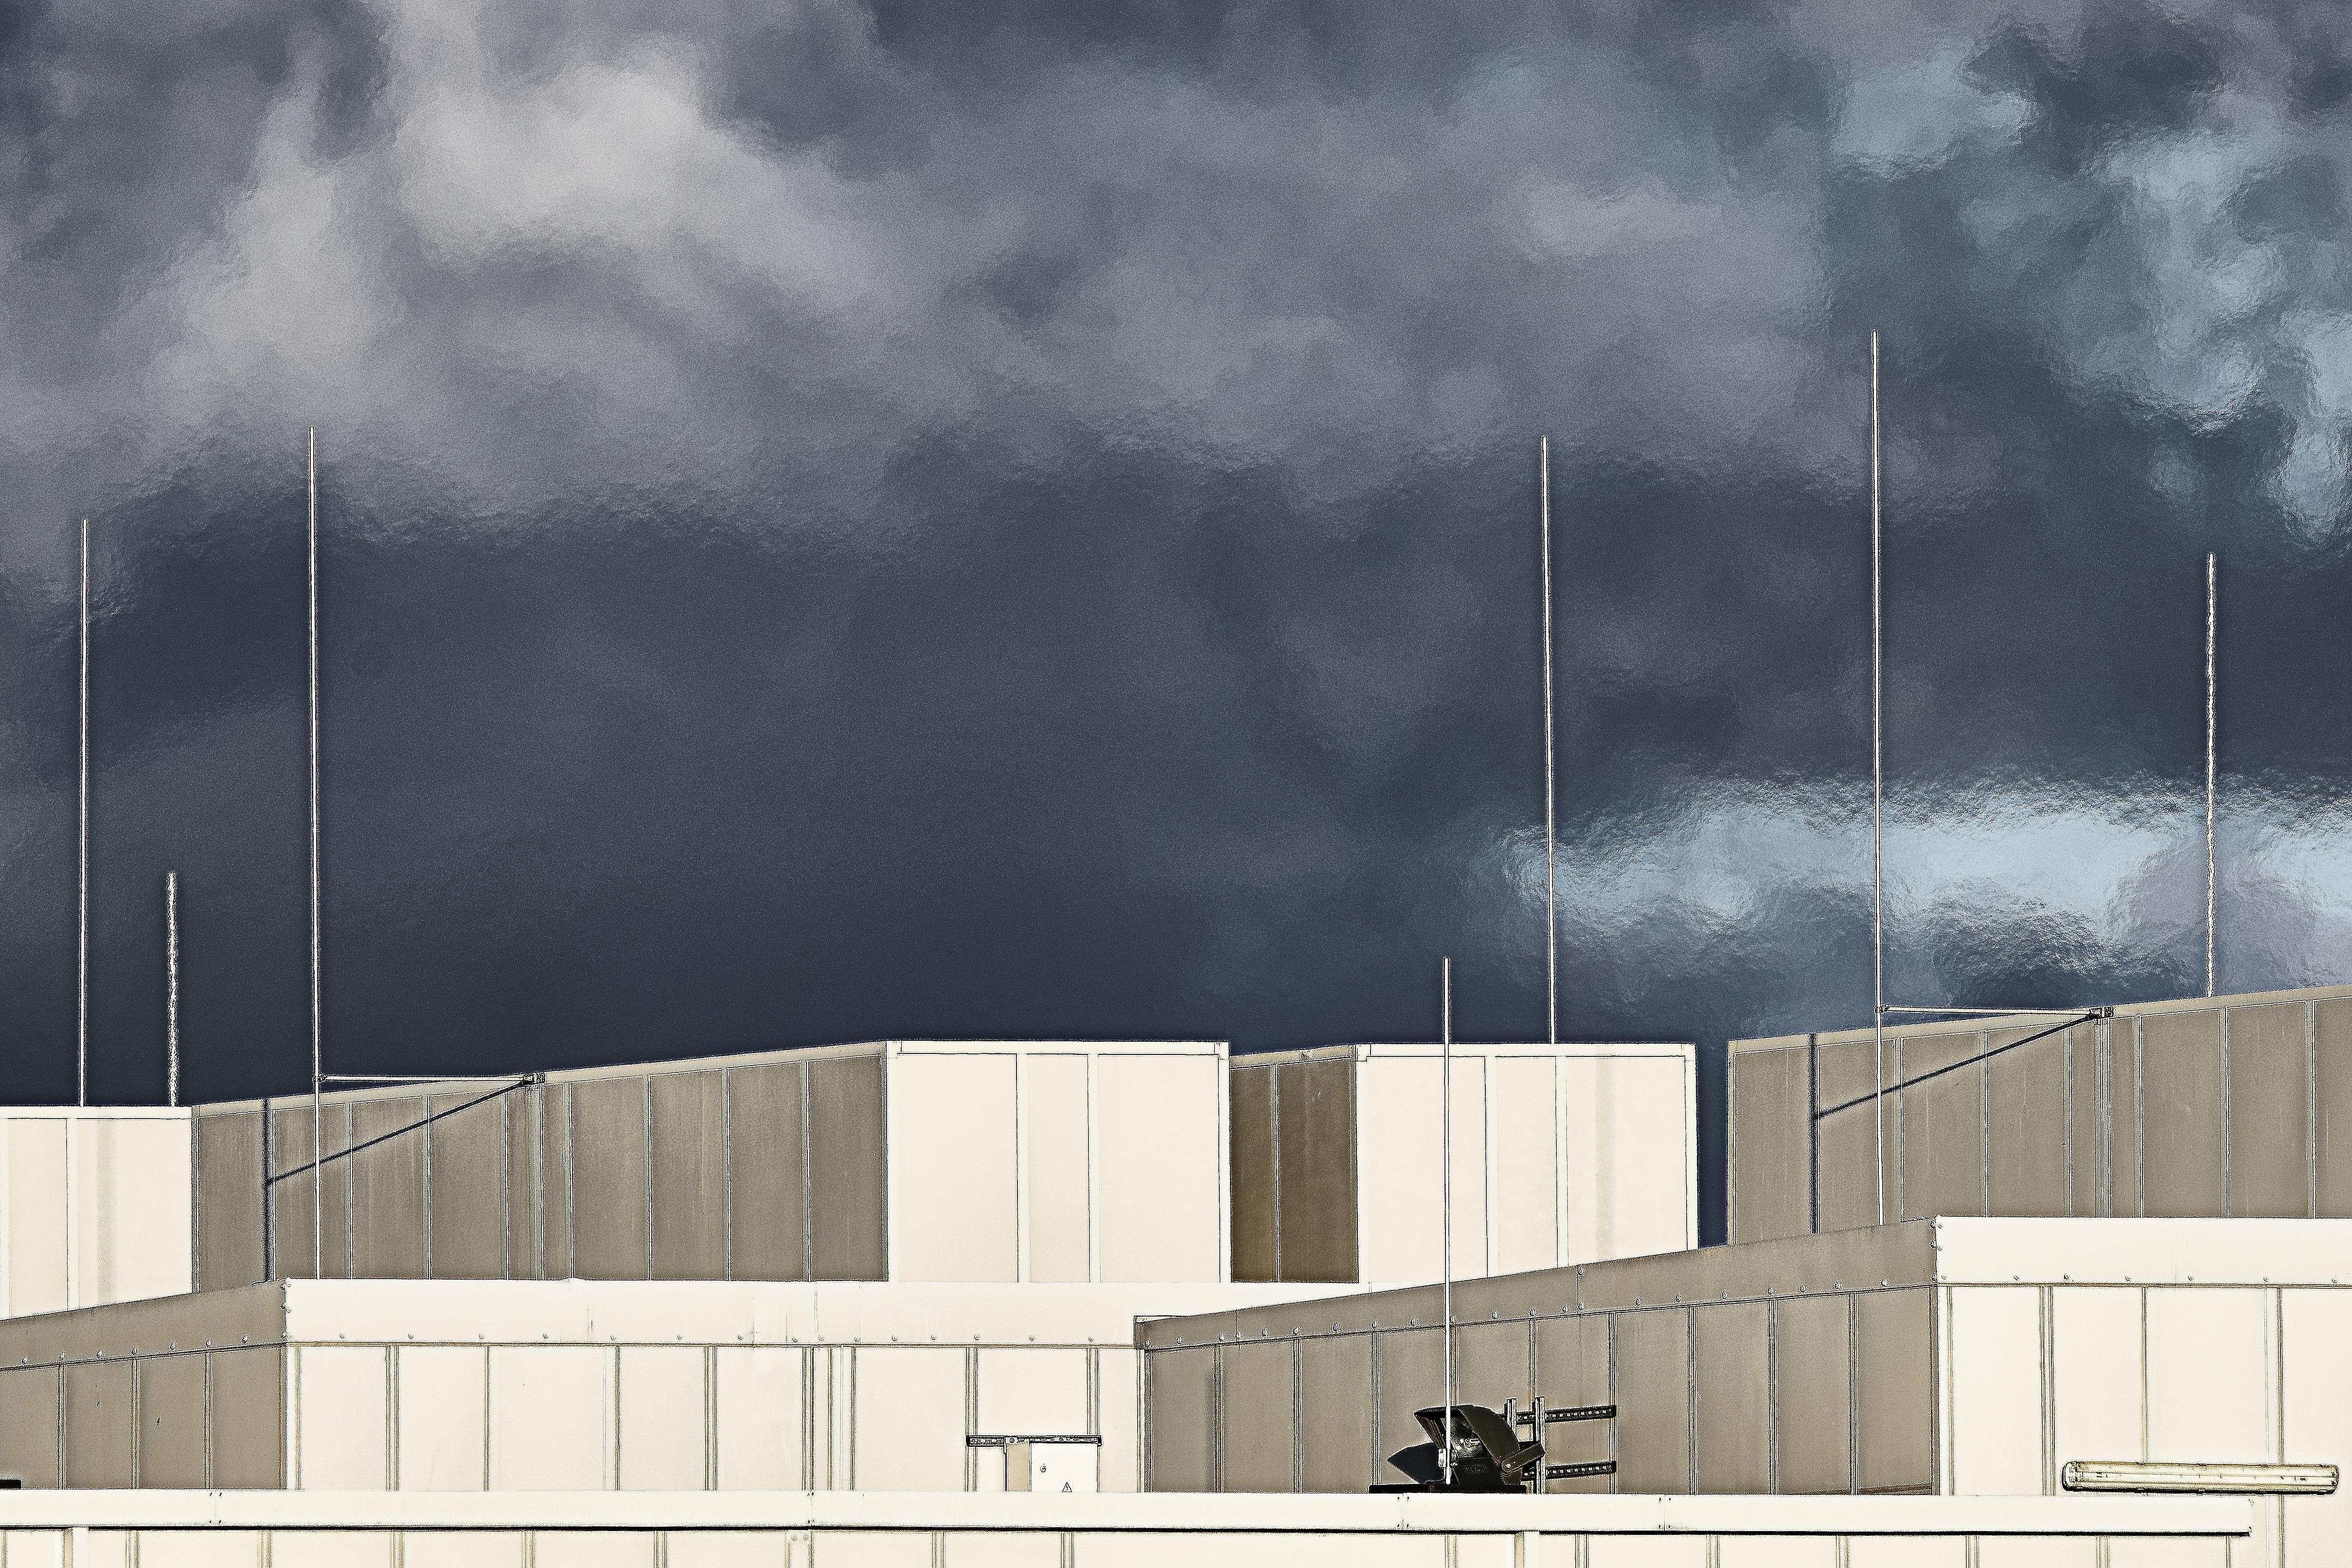 Het was de bedoeling dat de datacenters in de Wieringermeer hun warmte zouden leveren aan glastuinders, maar in de praktijk komt daar weinig van terecht